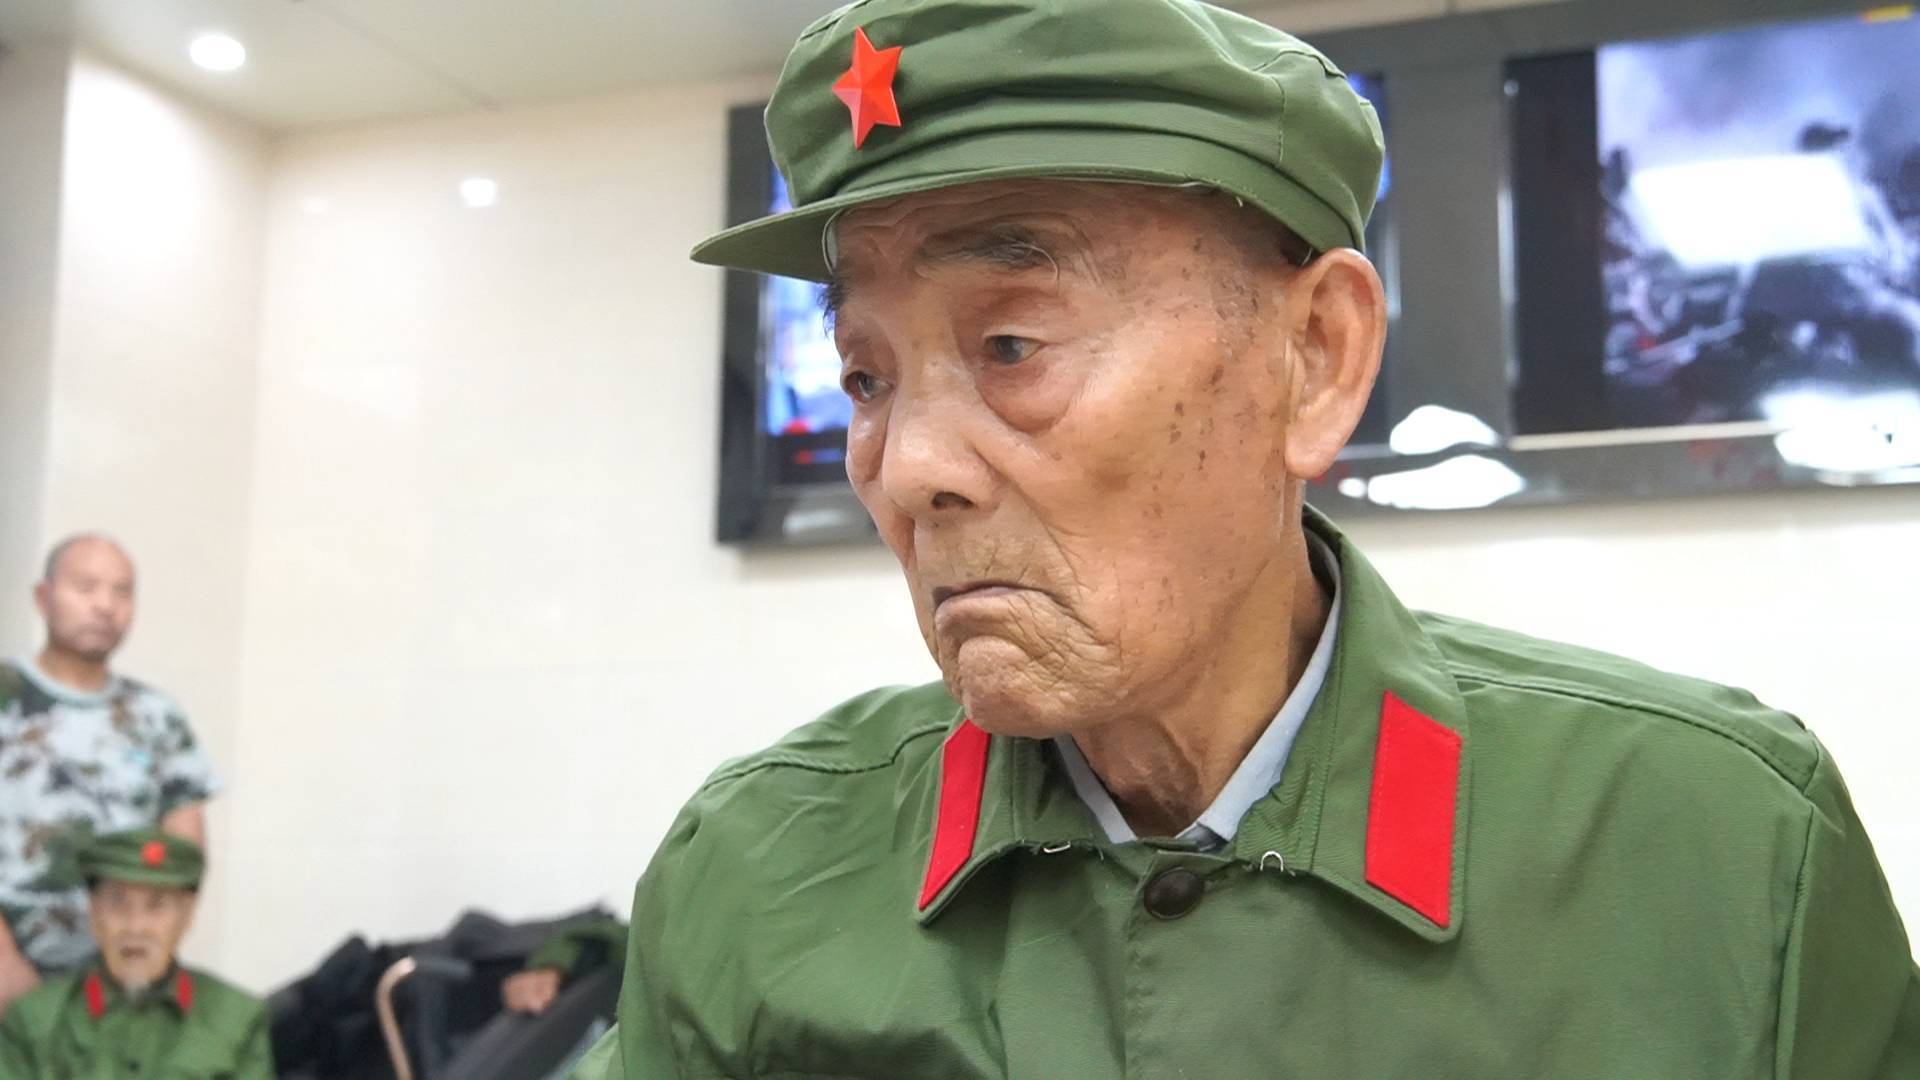 致敬抗战老兵 传承抗战精神|老兵陈焕林:怕也得打,死也得把据点拿下来